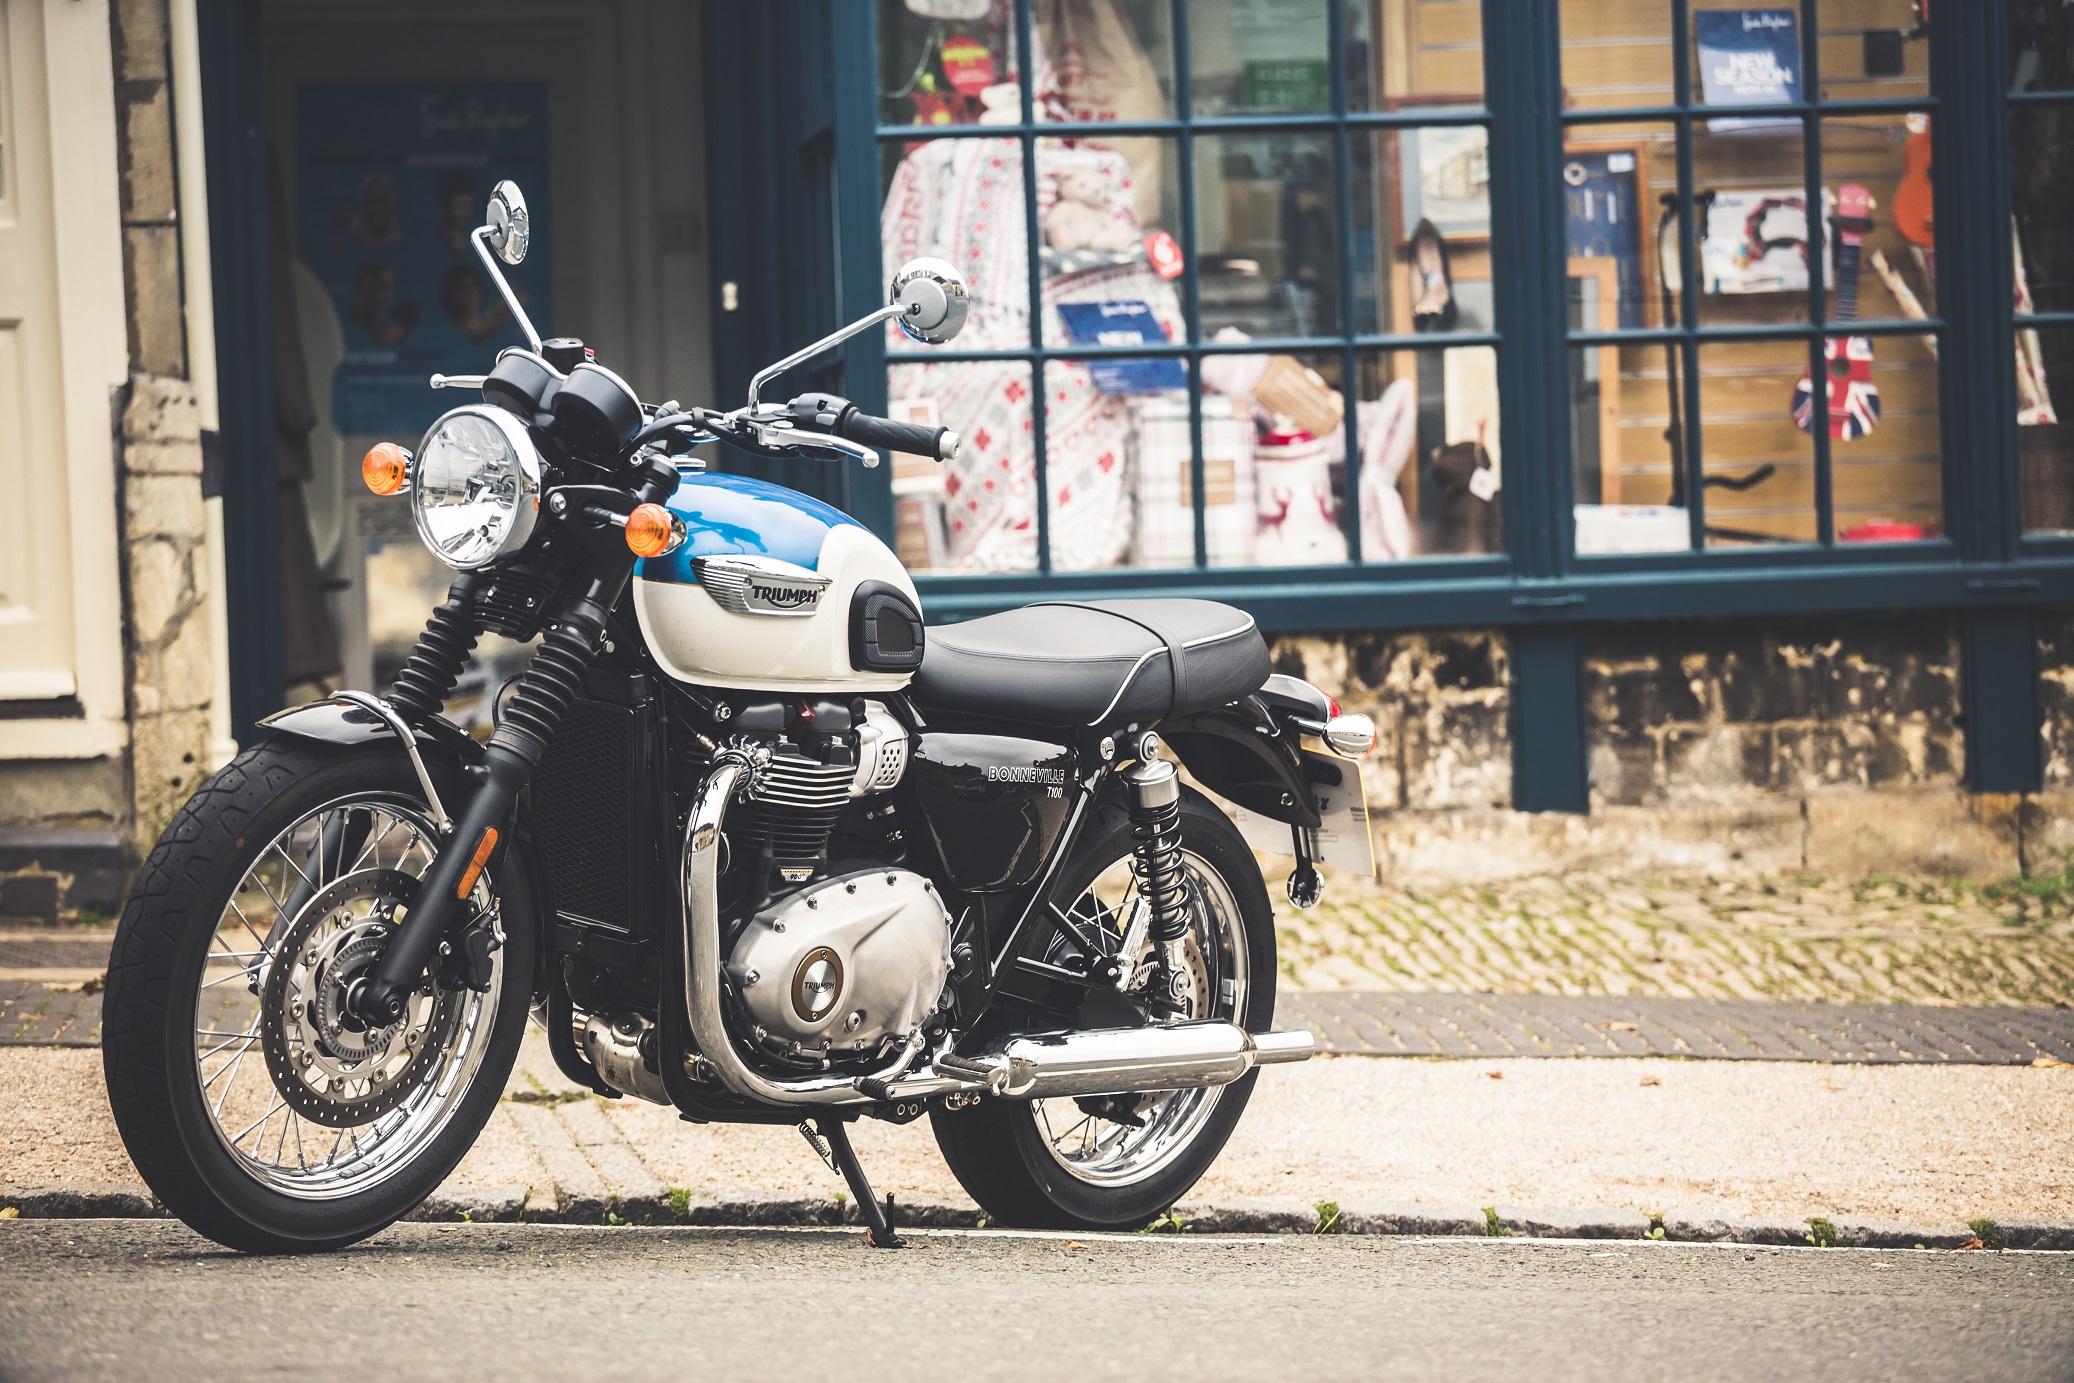 Triumph bonneville t 100 single seat